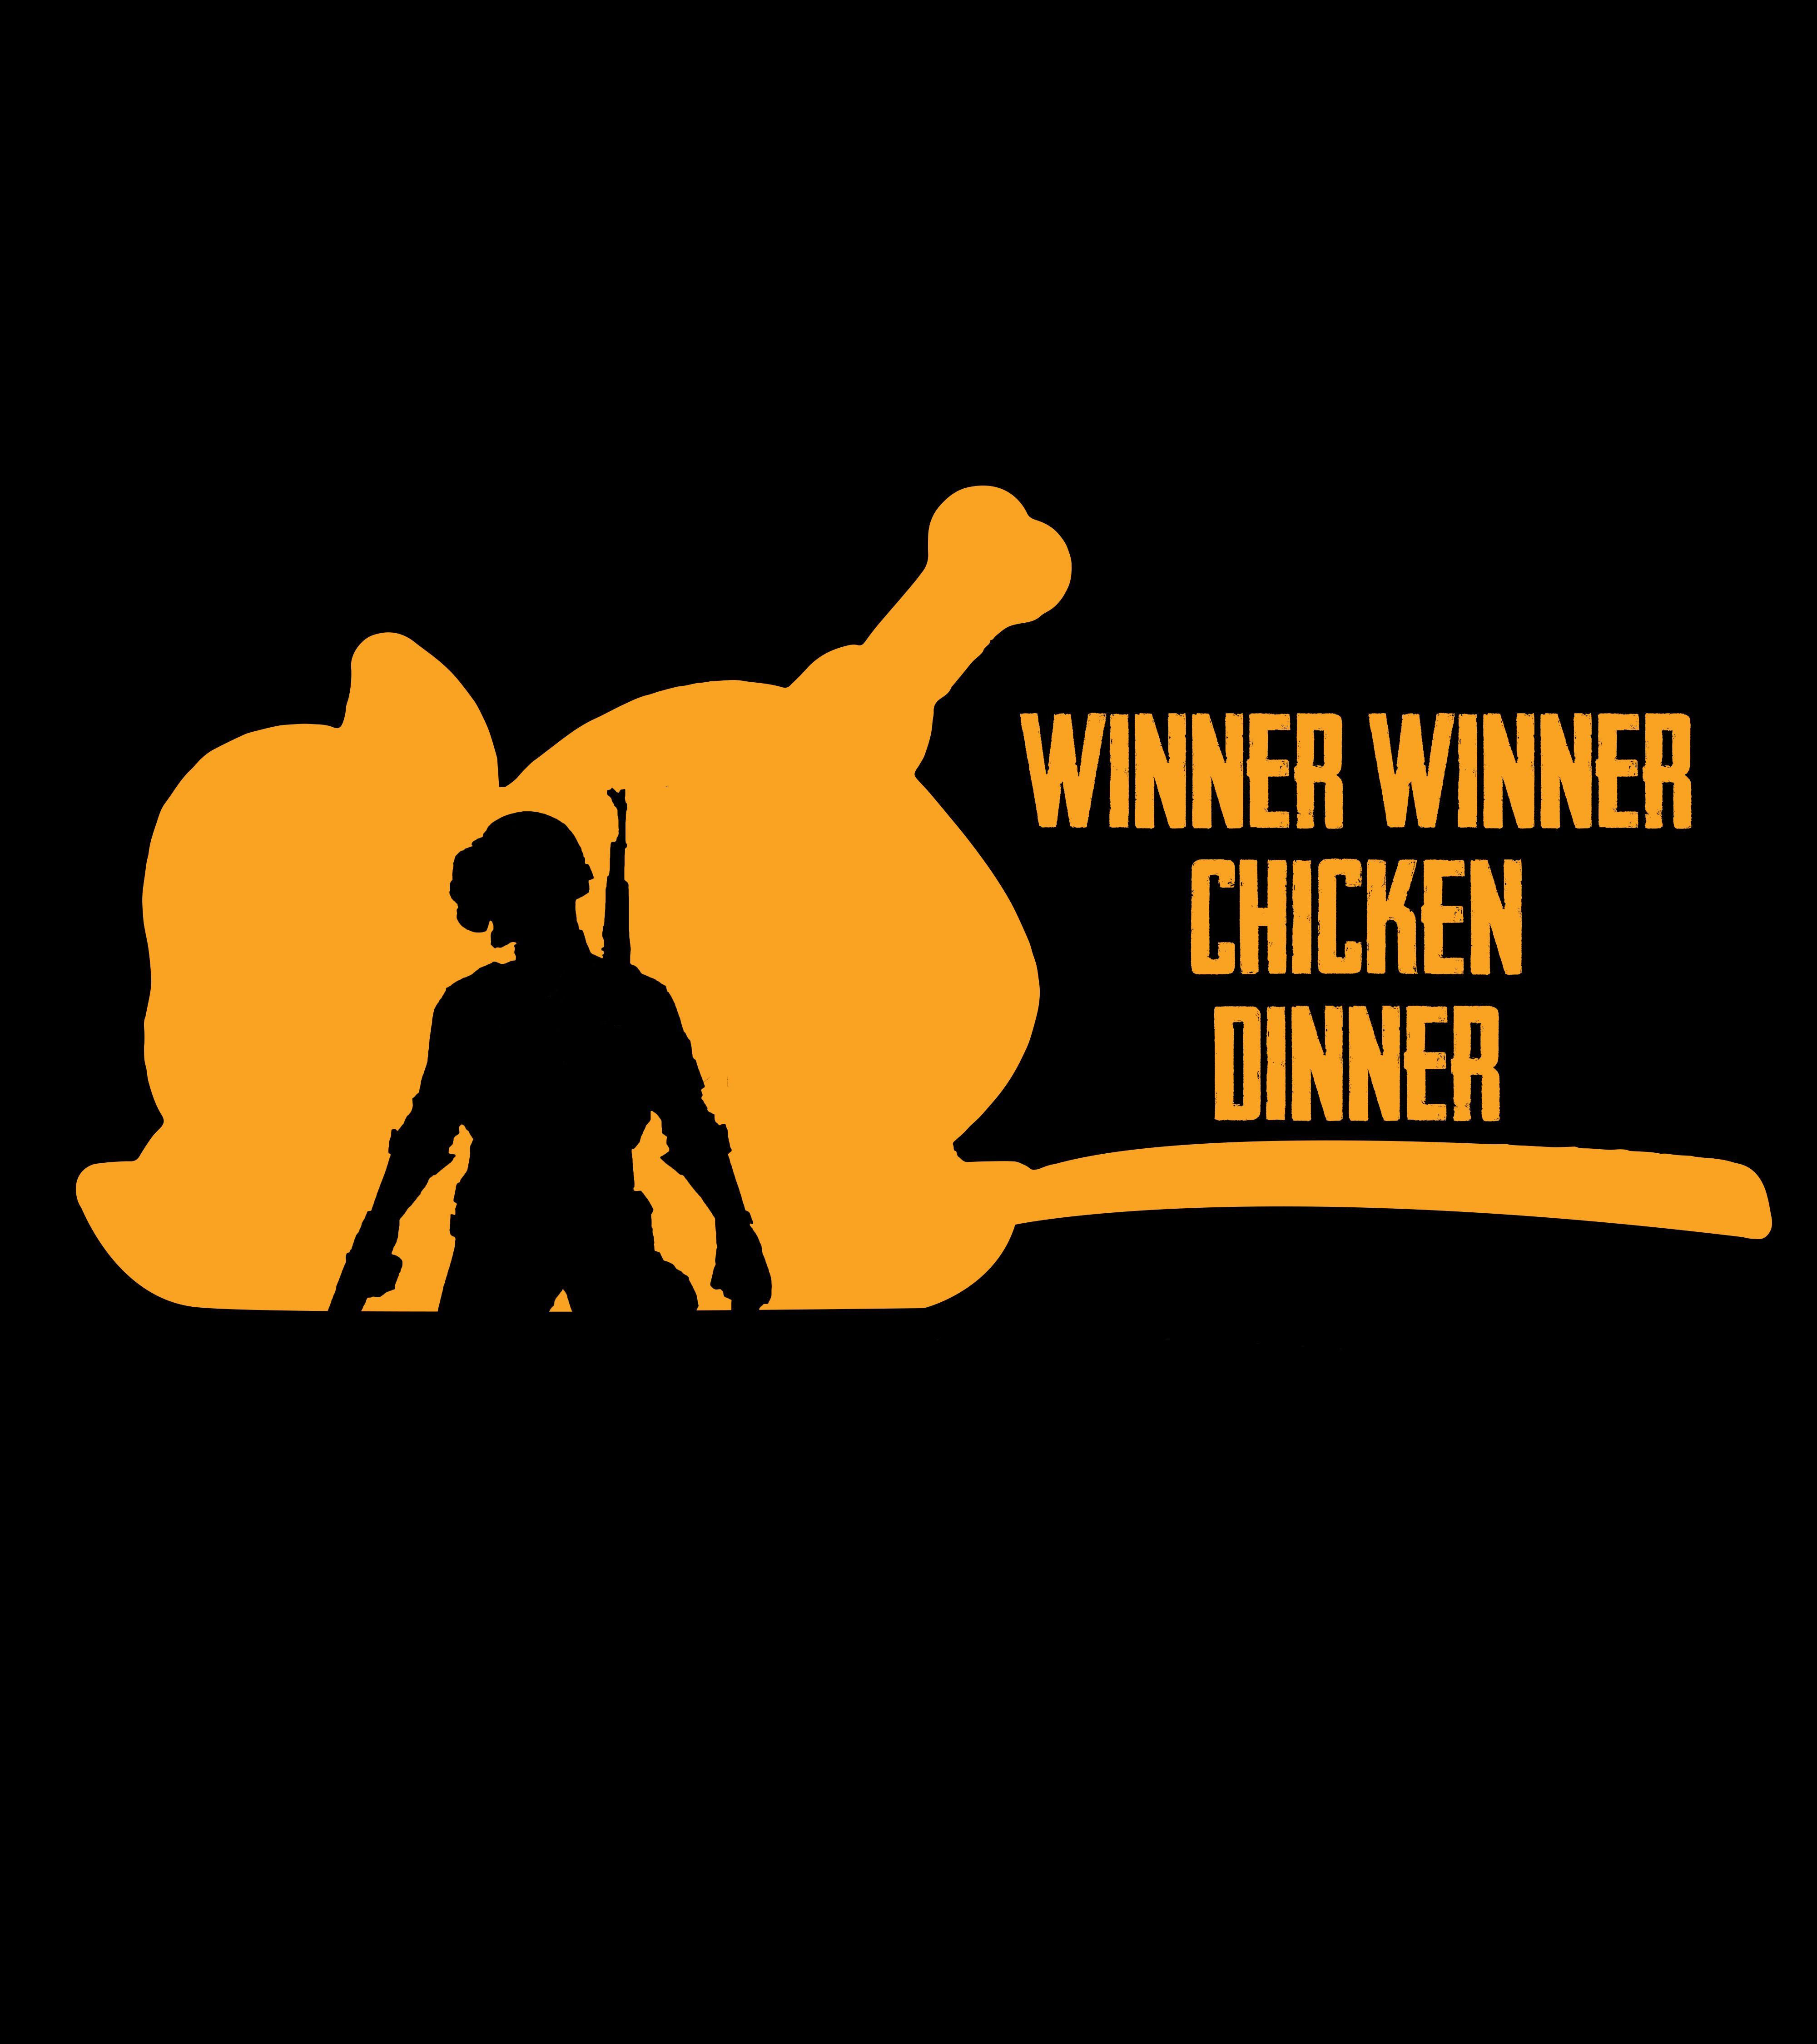 Winner Winner Chicken Dinner Pubg Custom T Shirt Winner Winner Chicken Dinner Mobile Legend Wallpaper Custom Tshirts